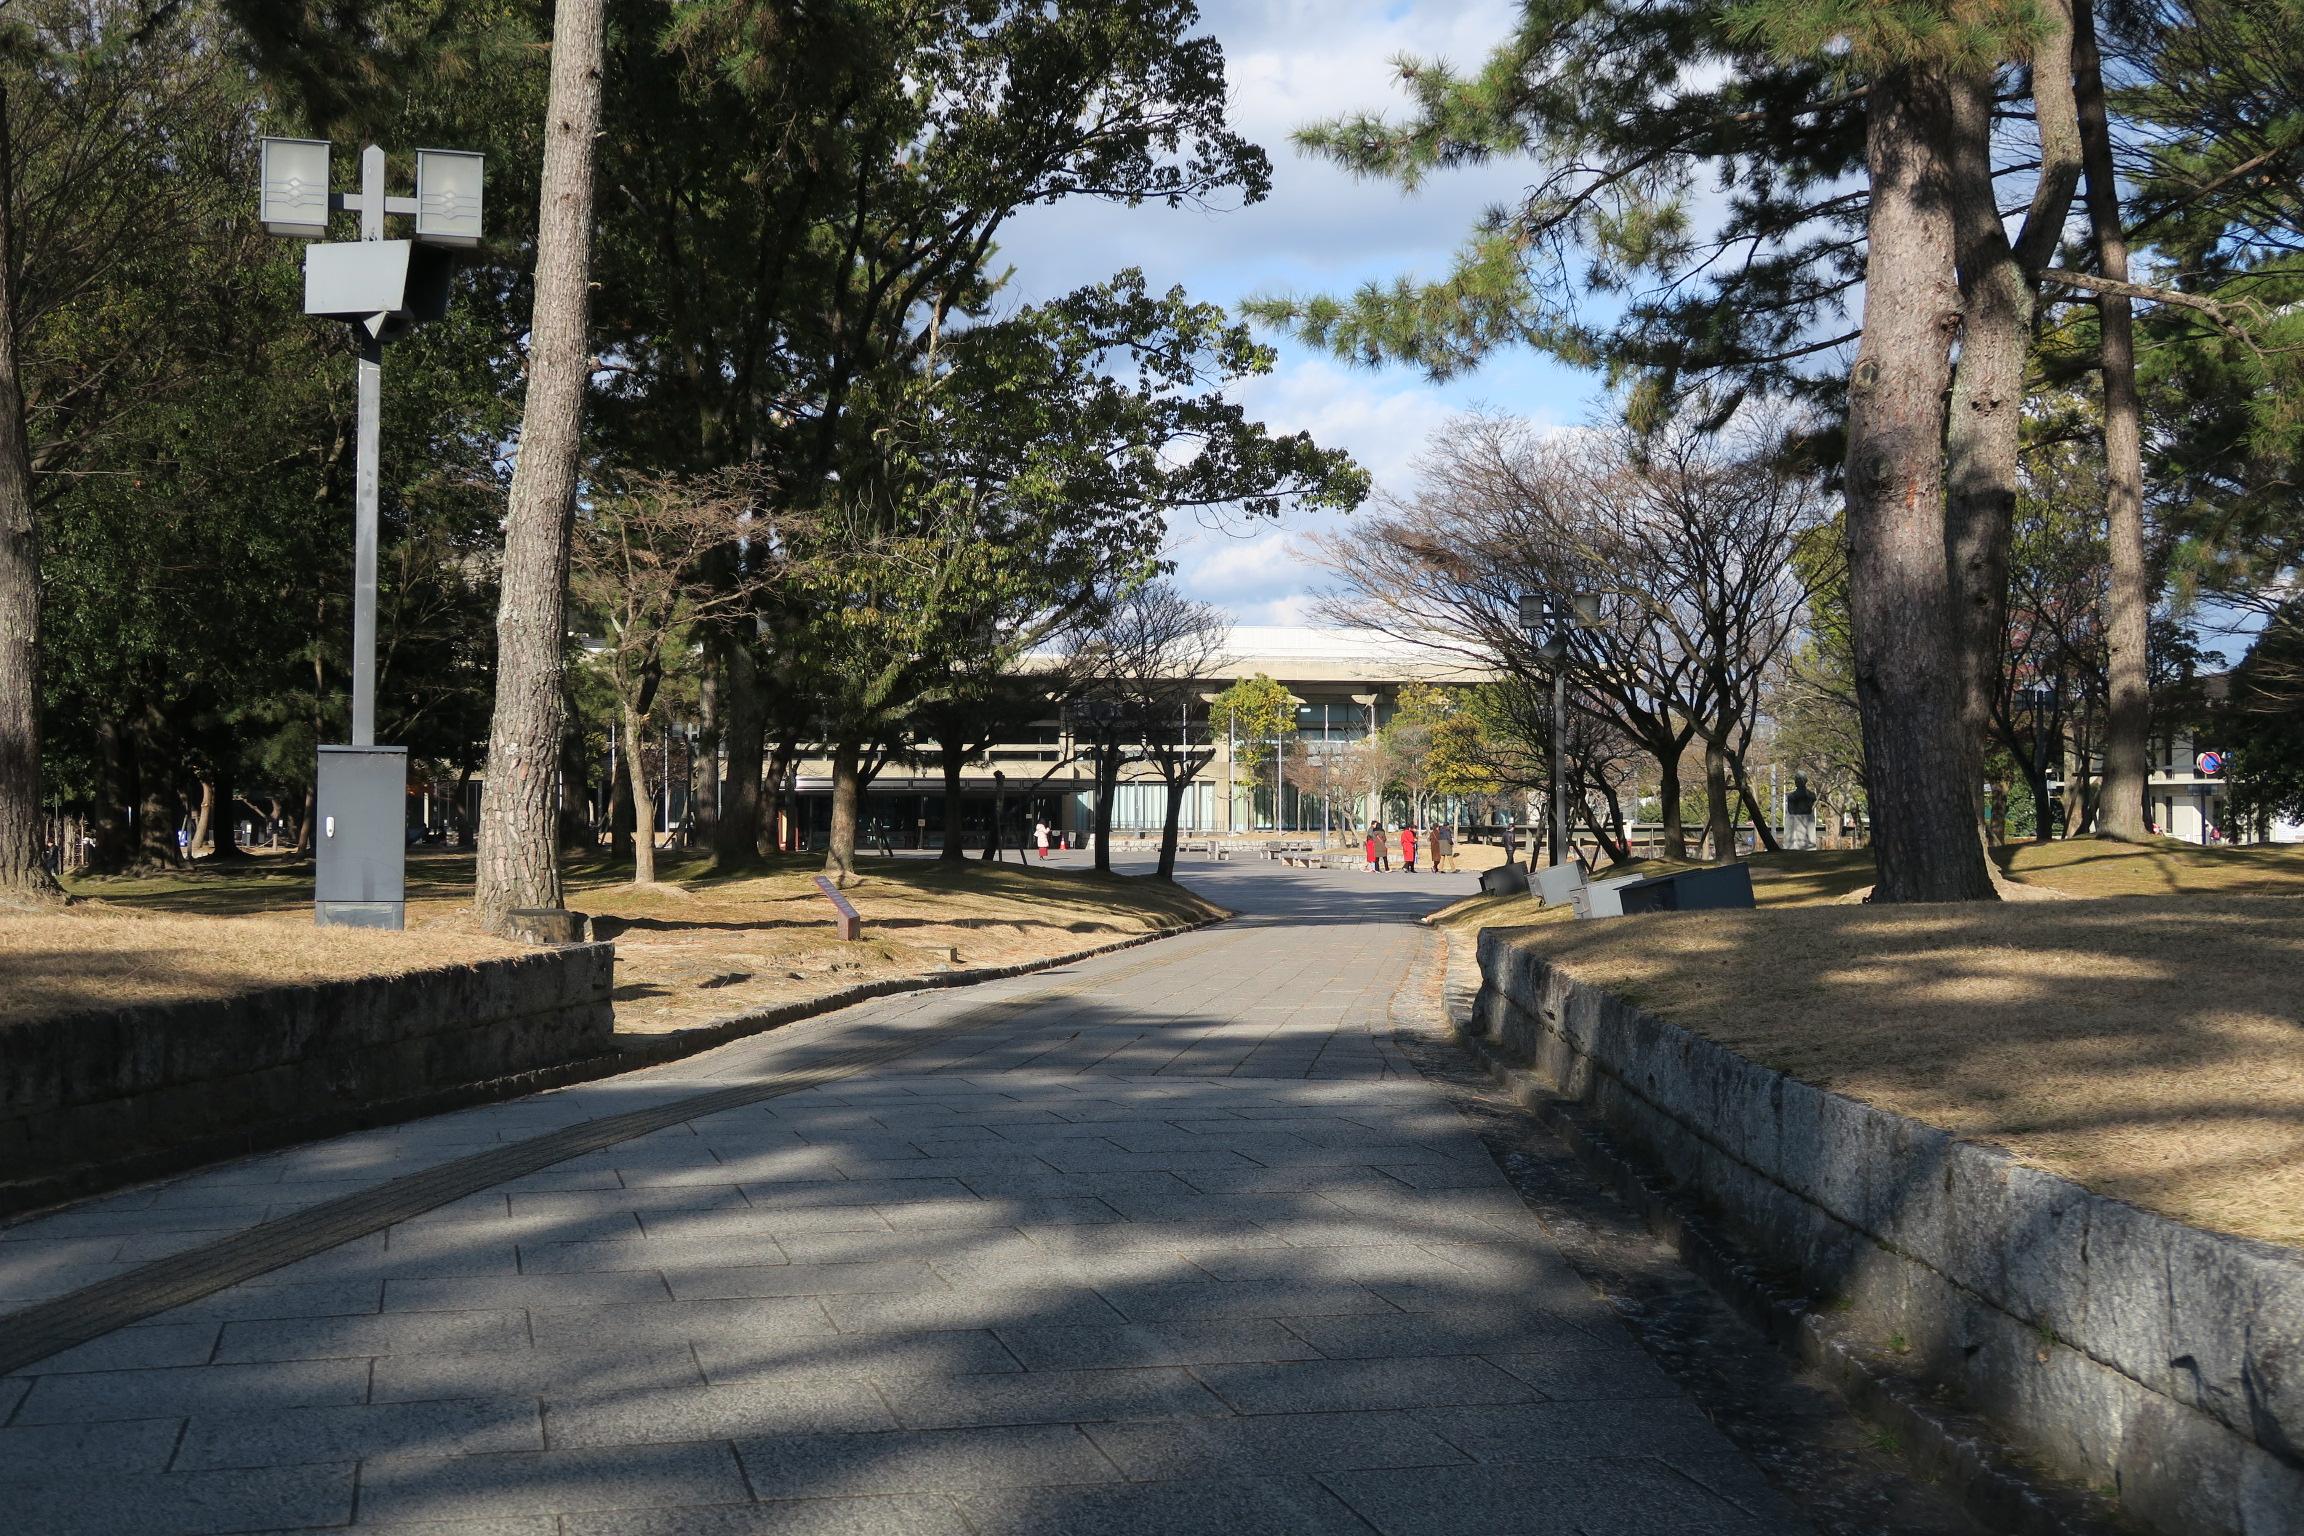 奈良県文化会館の案内版を曲がっていきます。奥の右手に奈良県立美術館があります。